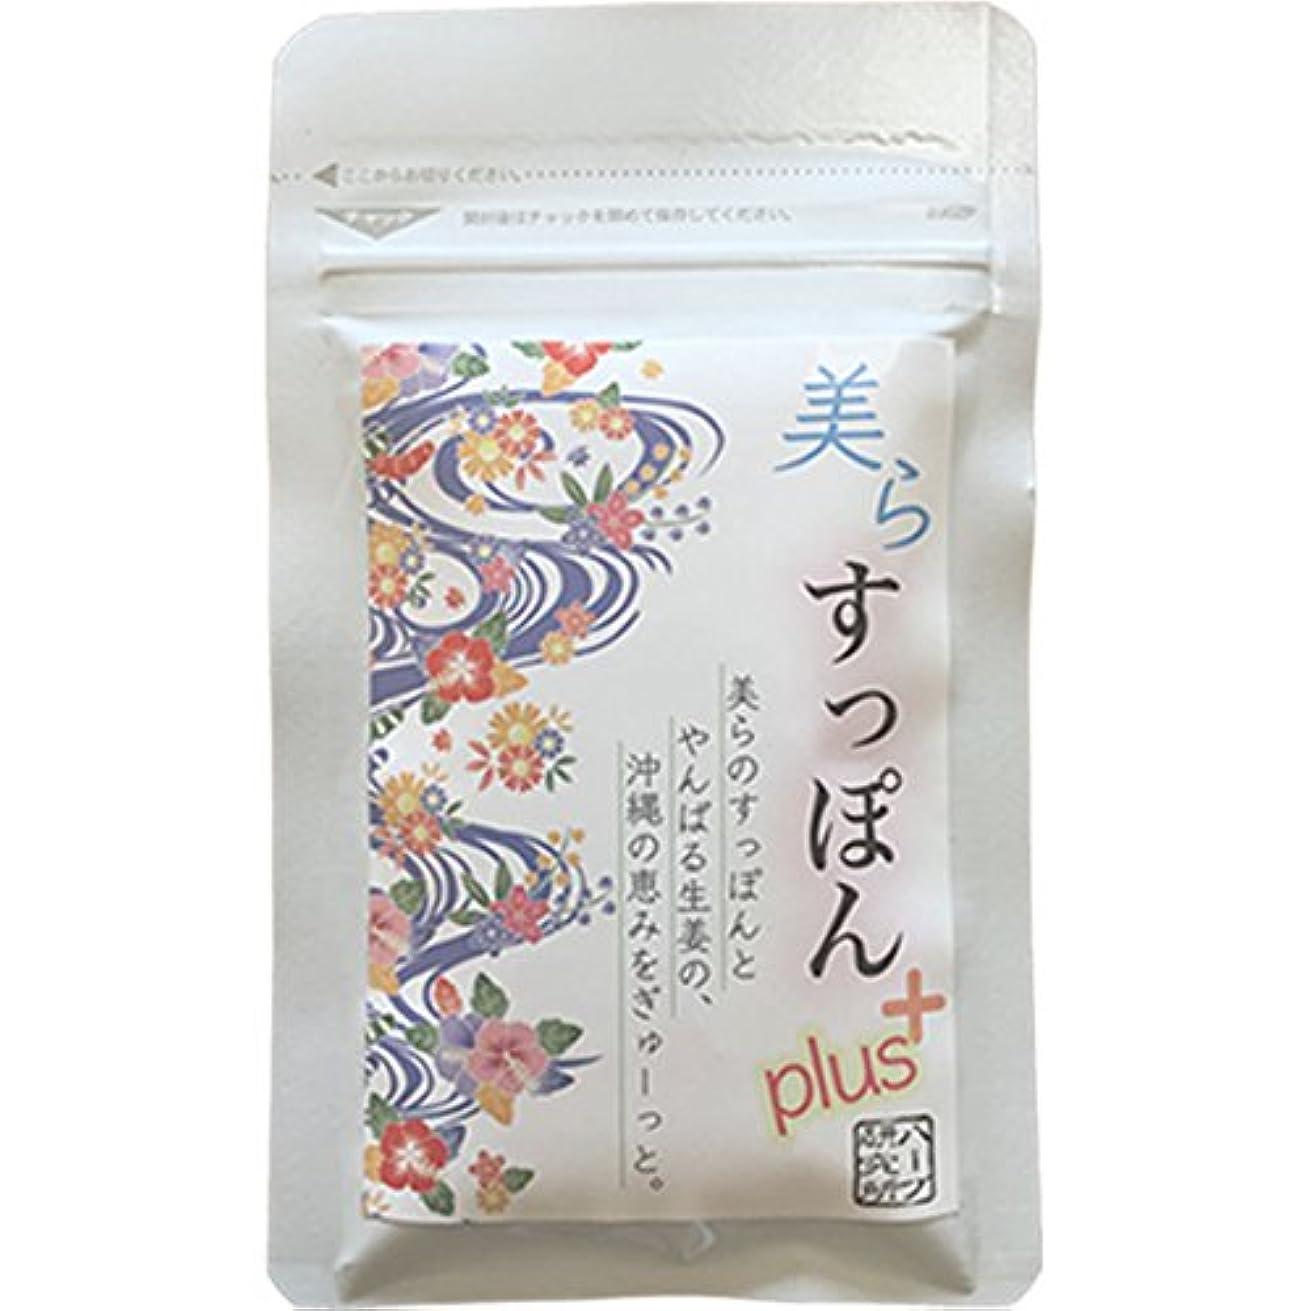 温活 ぷるぷる 沖縄すっぽん + やんばるしょうが のサプリ 62粒 1パック